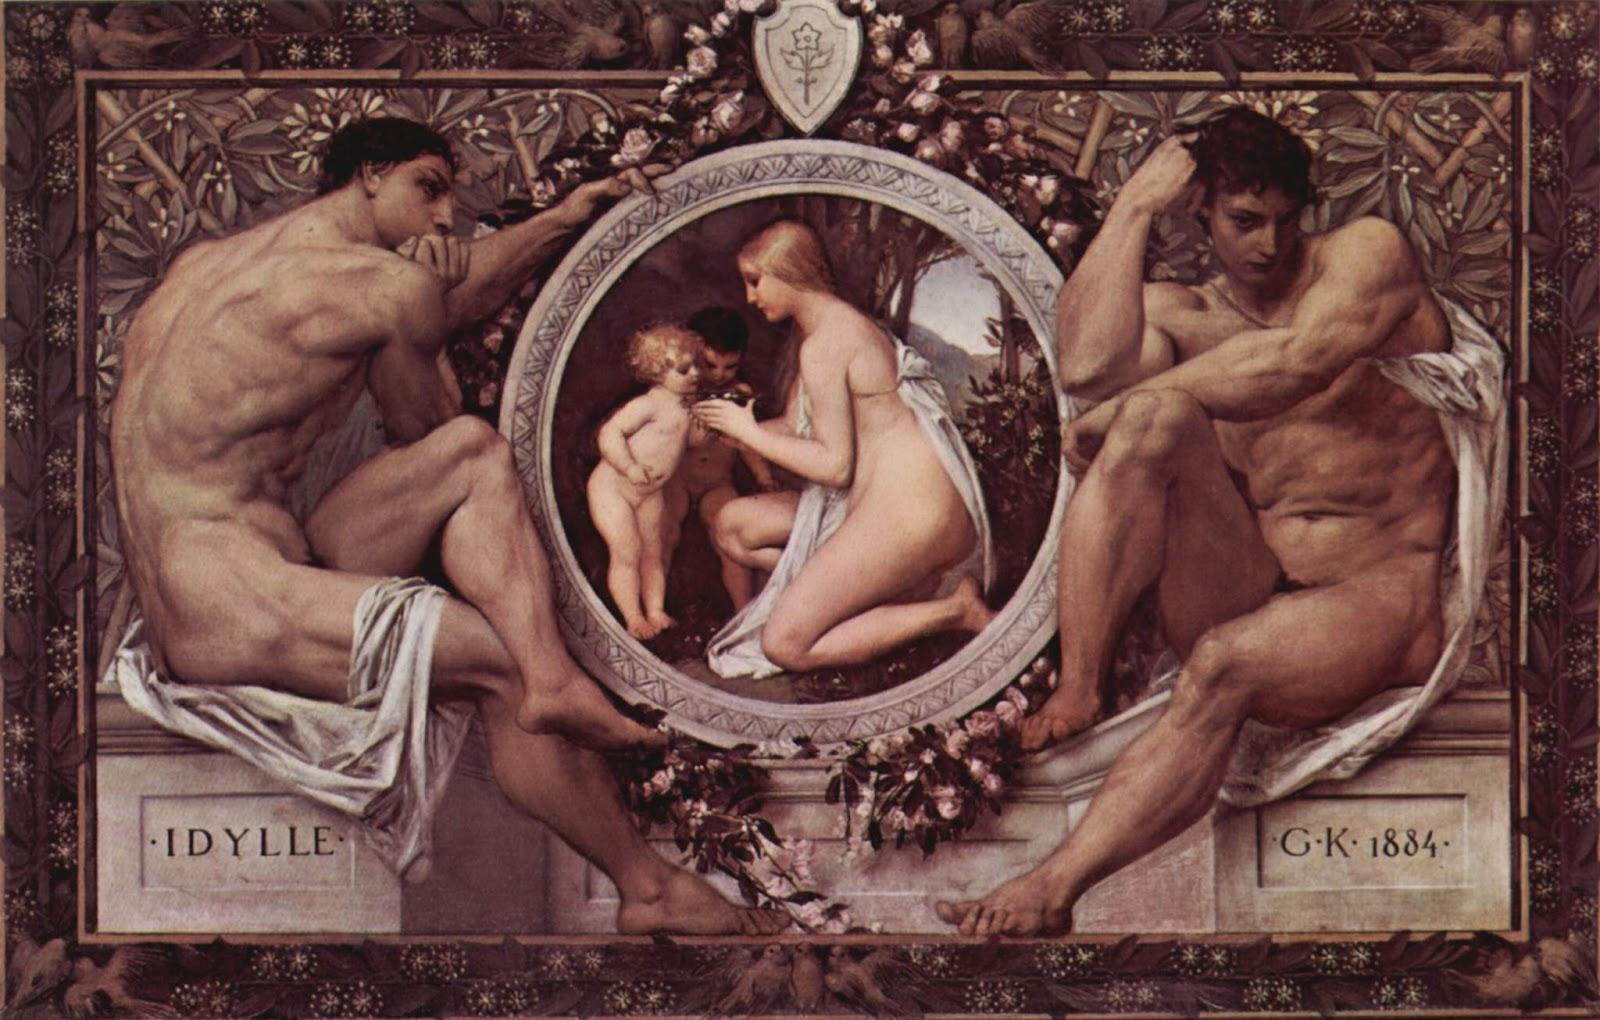 Эро рассказа группавуха, Порно рассказы груповуха (групповой секс) читать 2 фотография